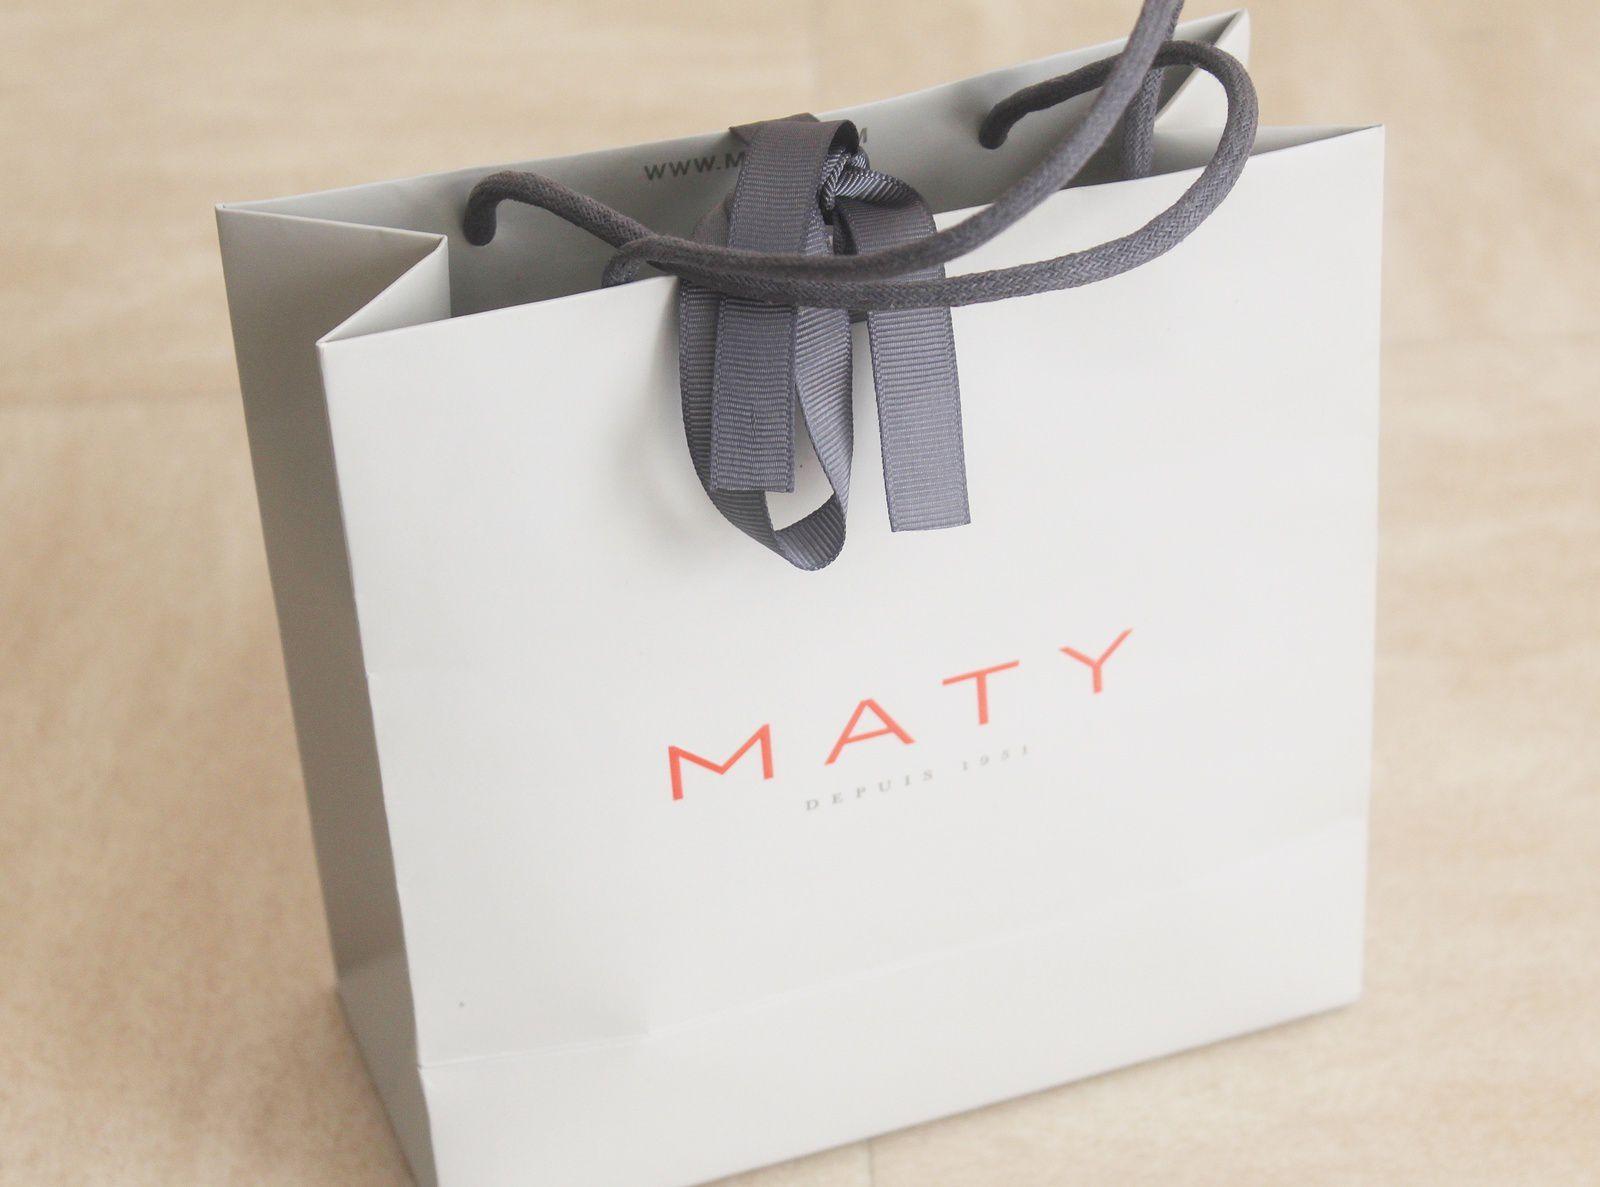 parfums Maty